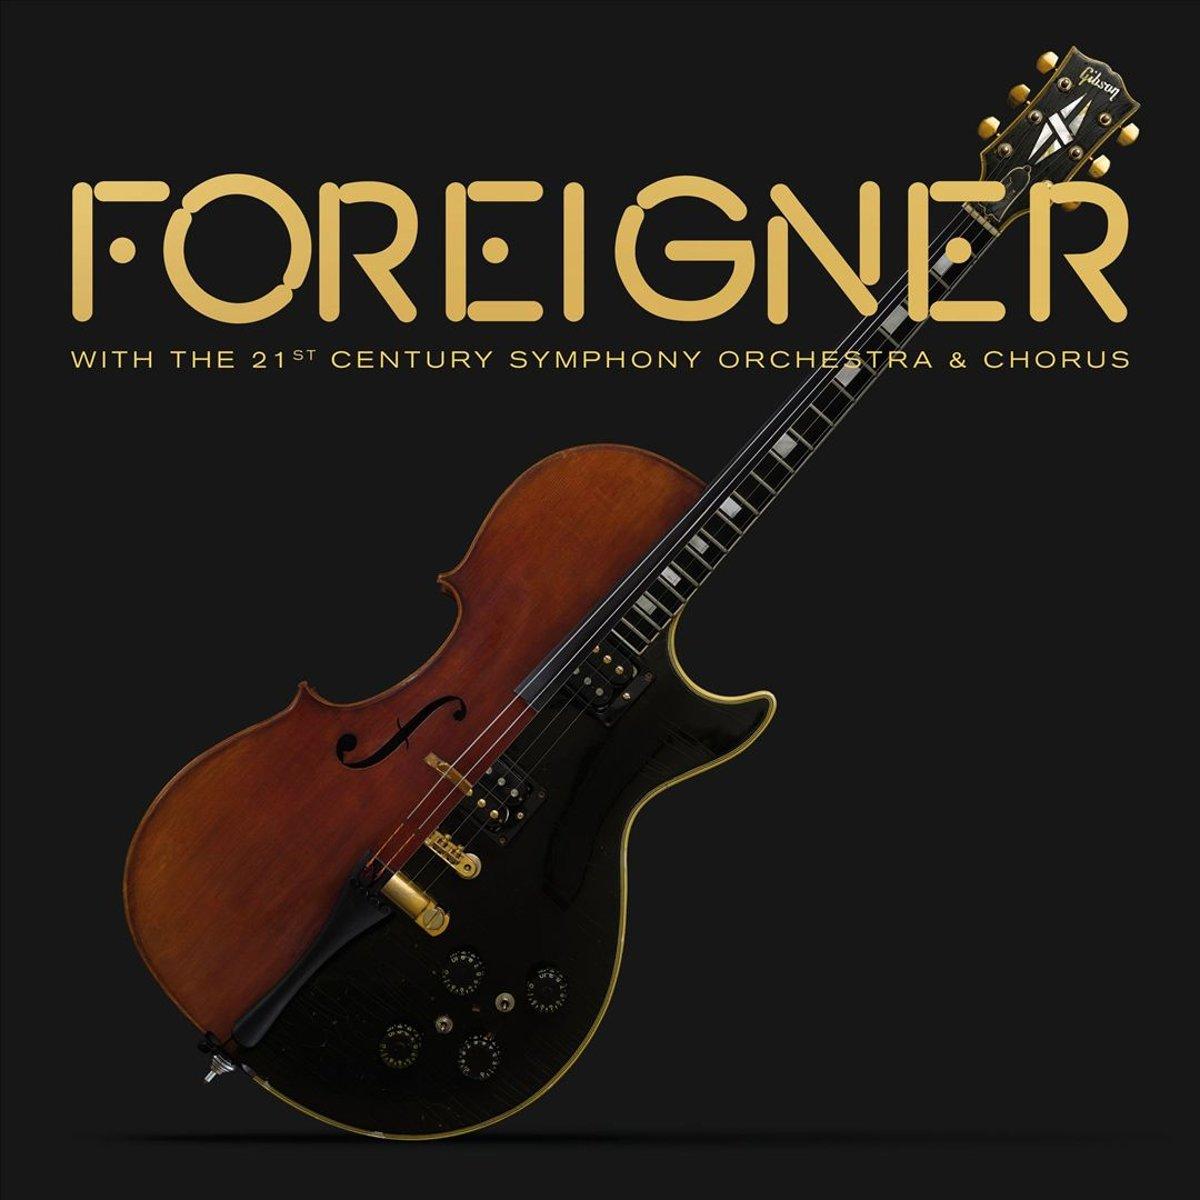 Foreigner 21st cent